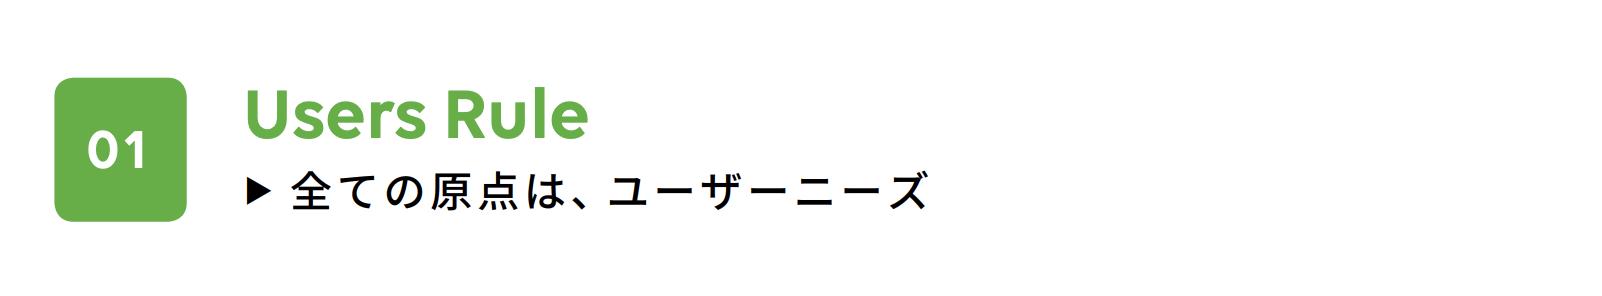 usersrule.png